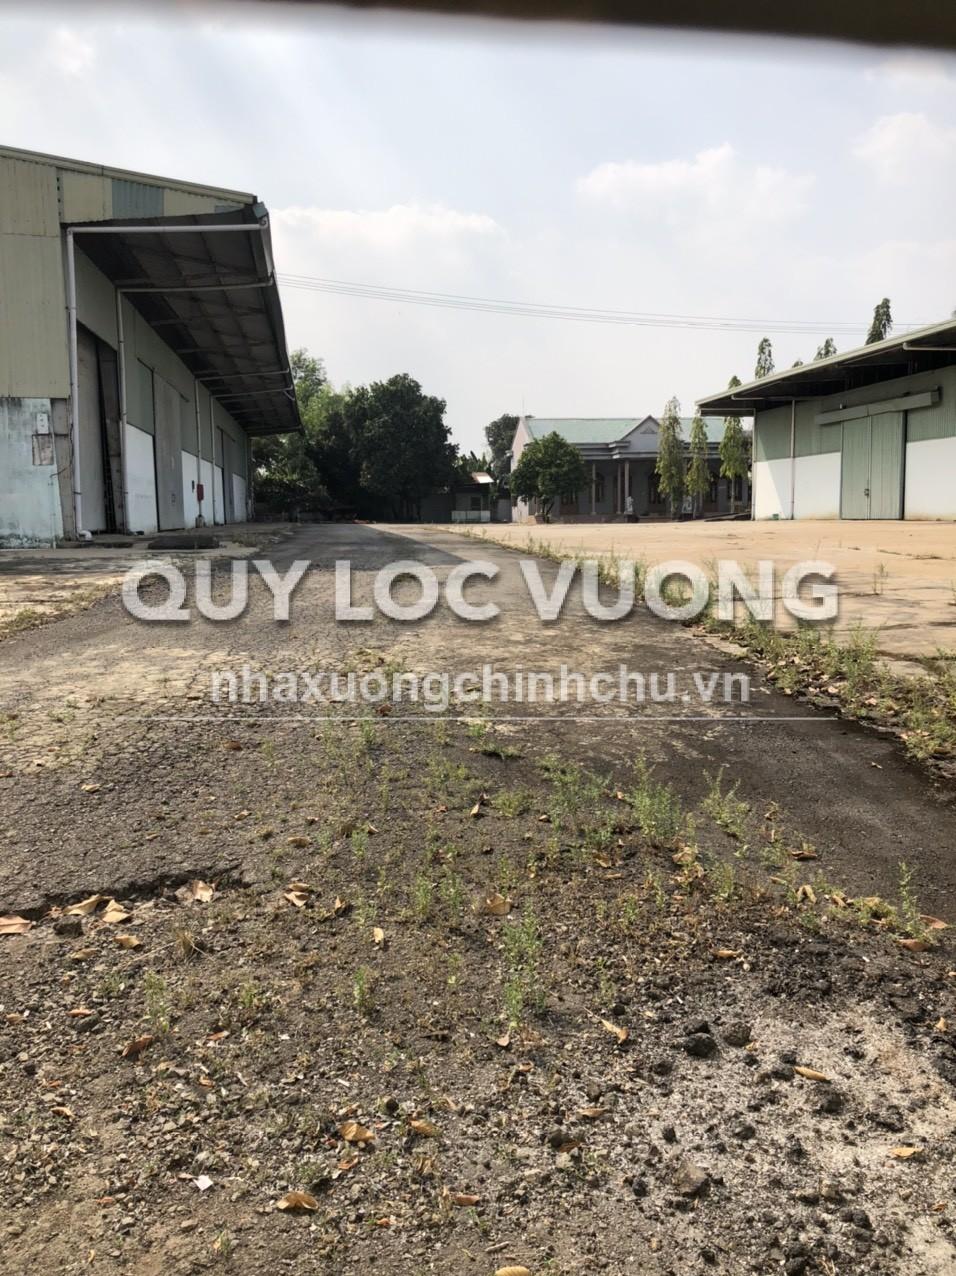 Cho thuê hoặc bán 2 xưởng 2.500m2 mặt tiền ngã 3 Sông Thao Trảng Bom